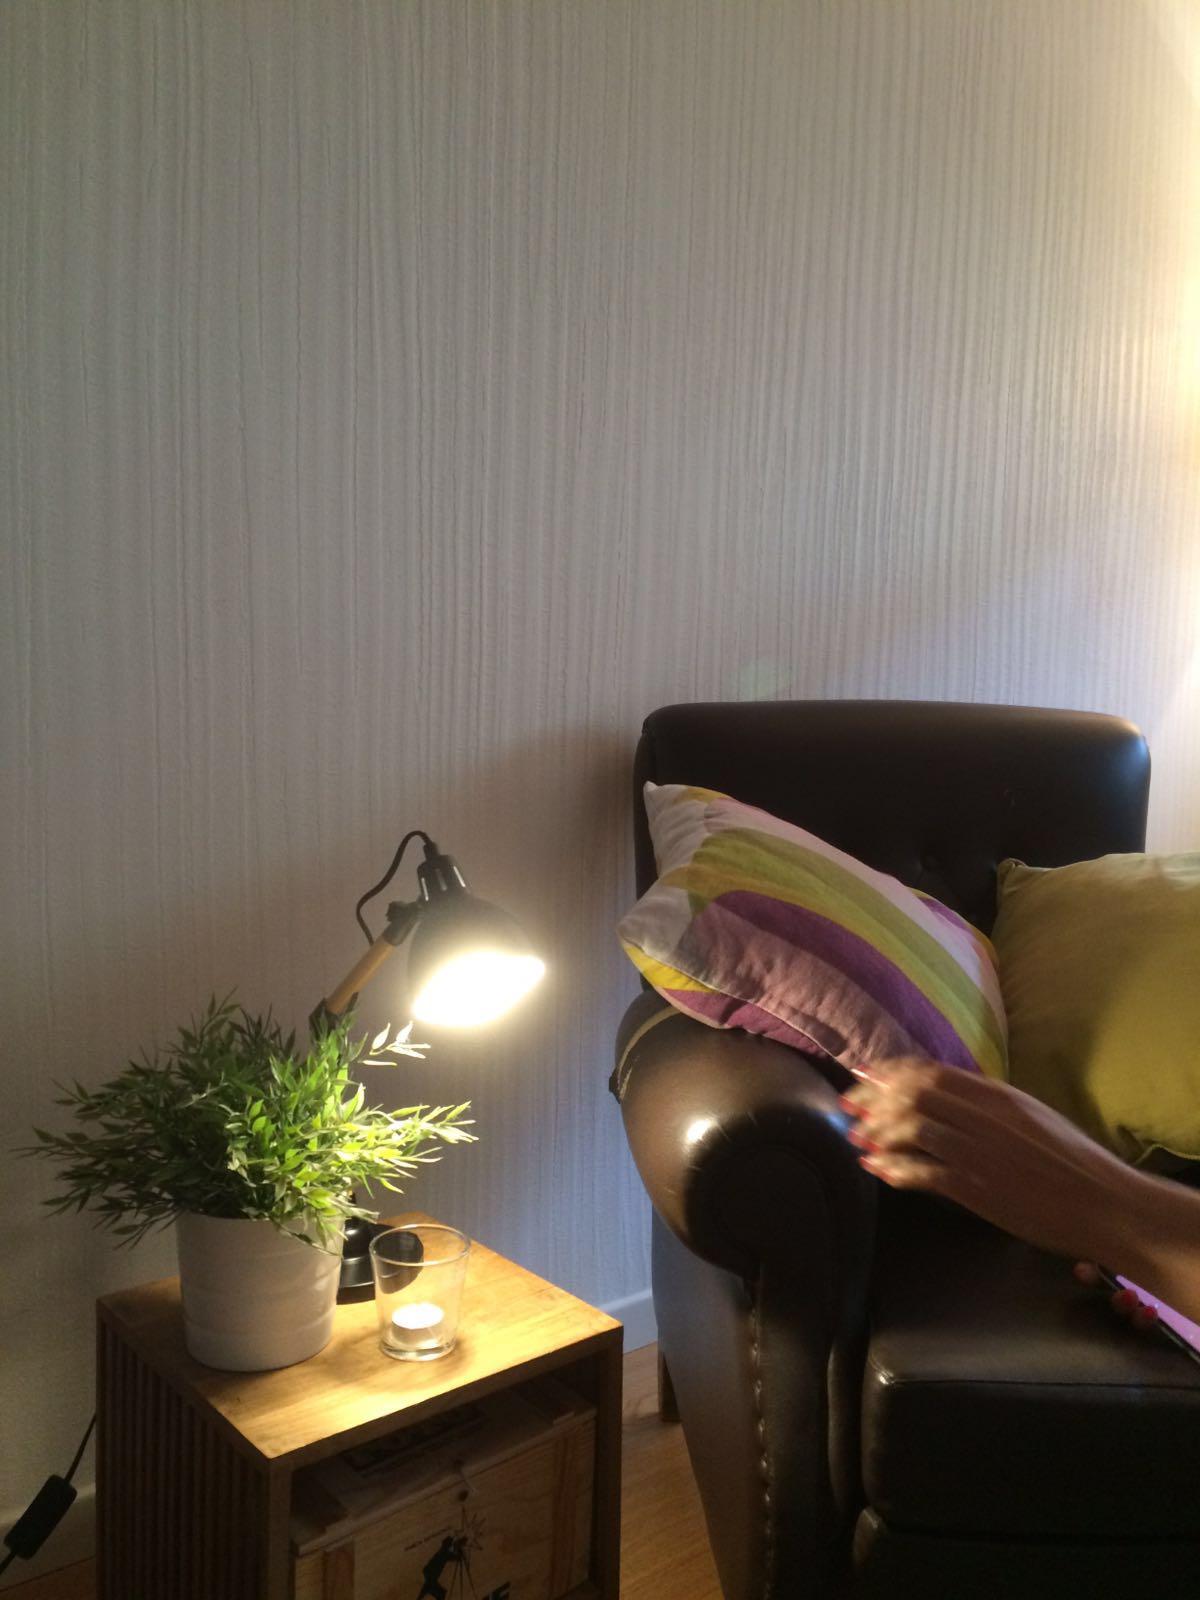 un poltrona con dei cuscini e un tavolino con lampada